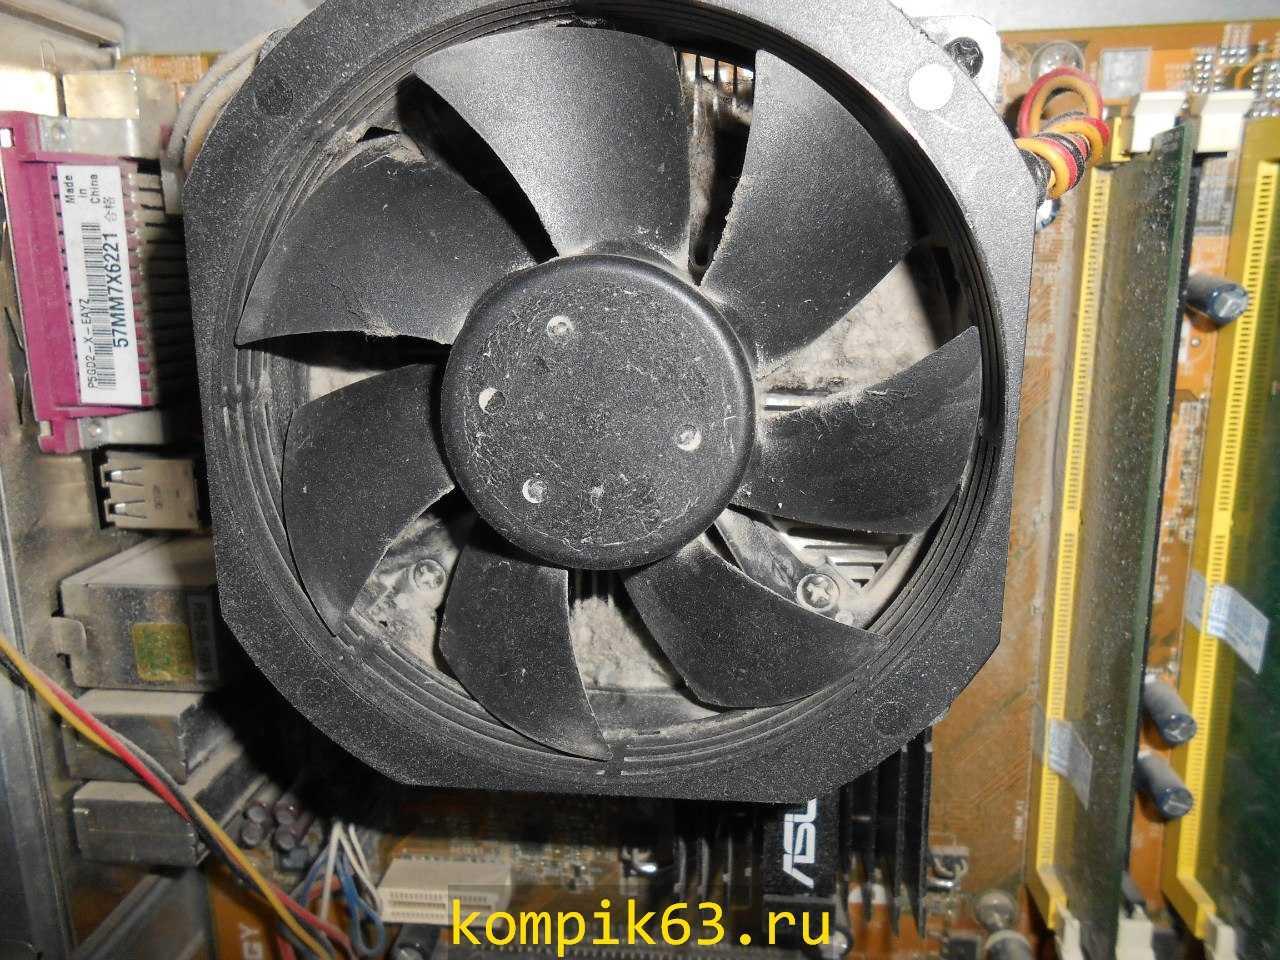 kompik63.ru-043